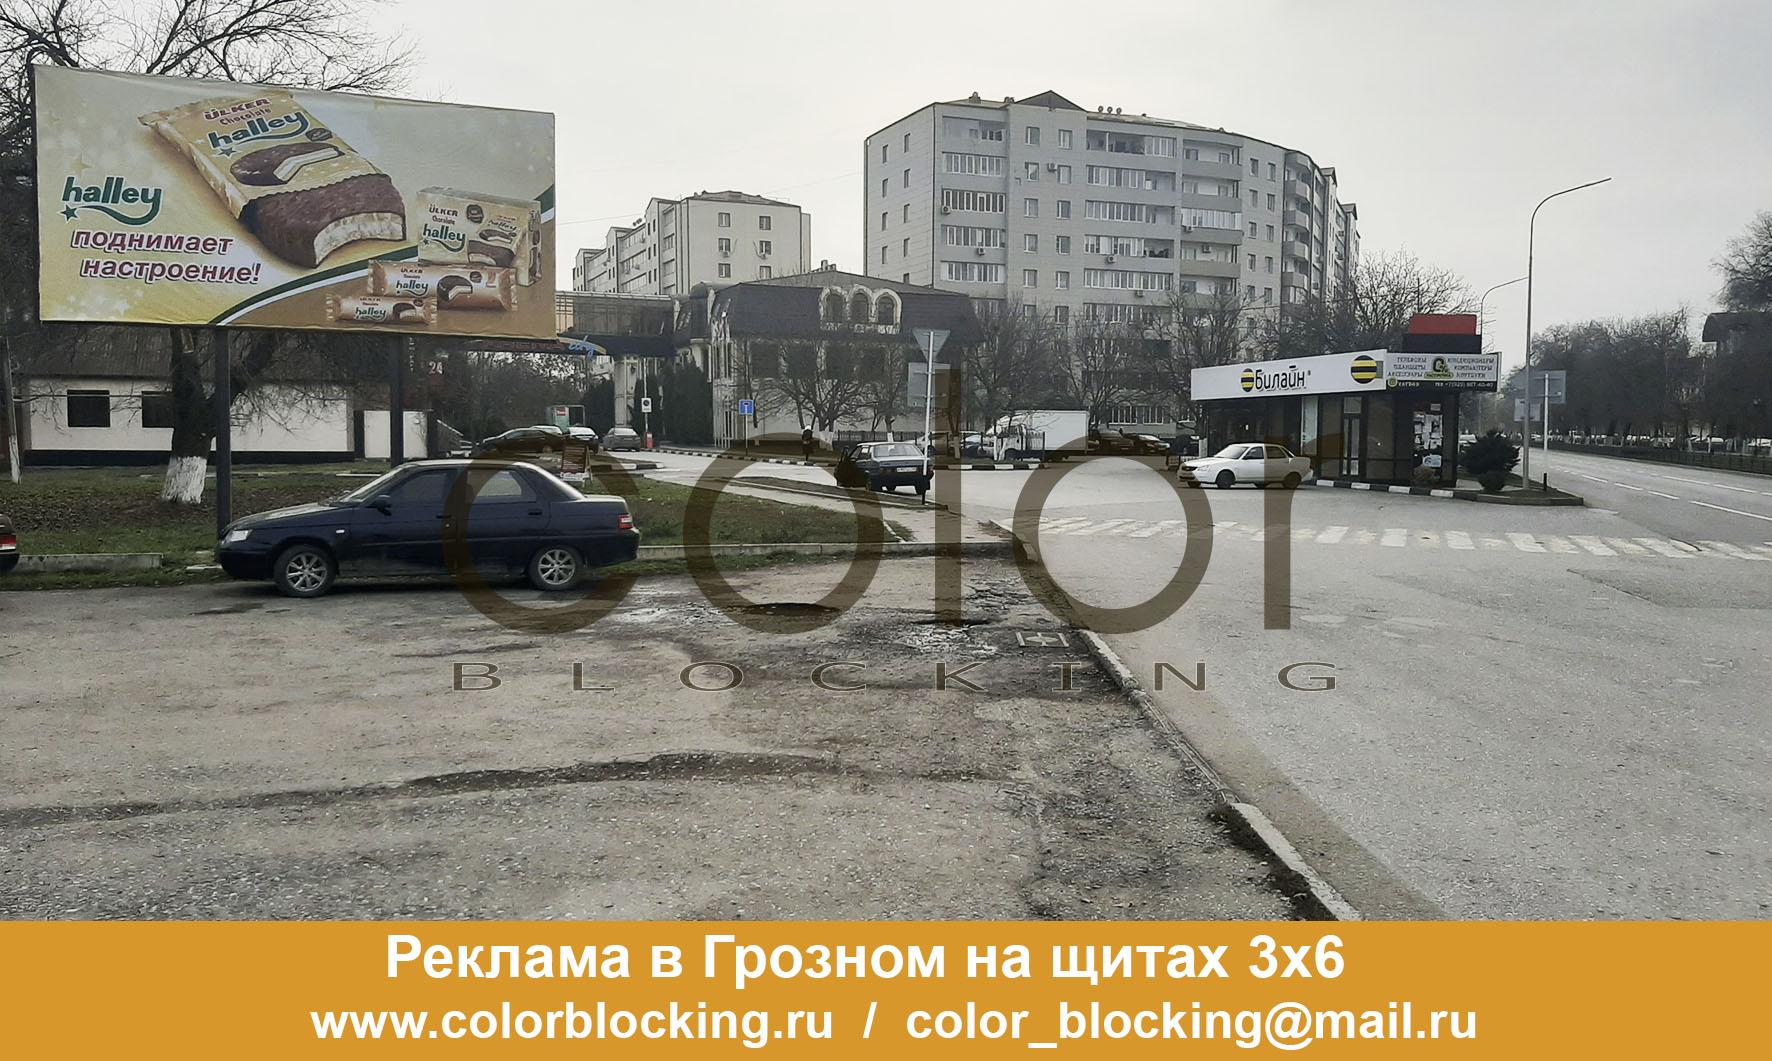 Реклама в Грозном на щитах 3х6 размещение